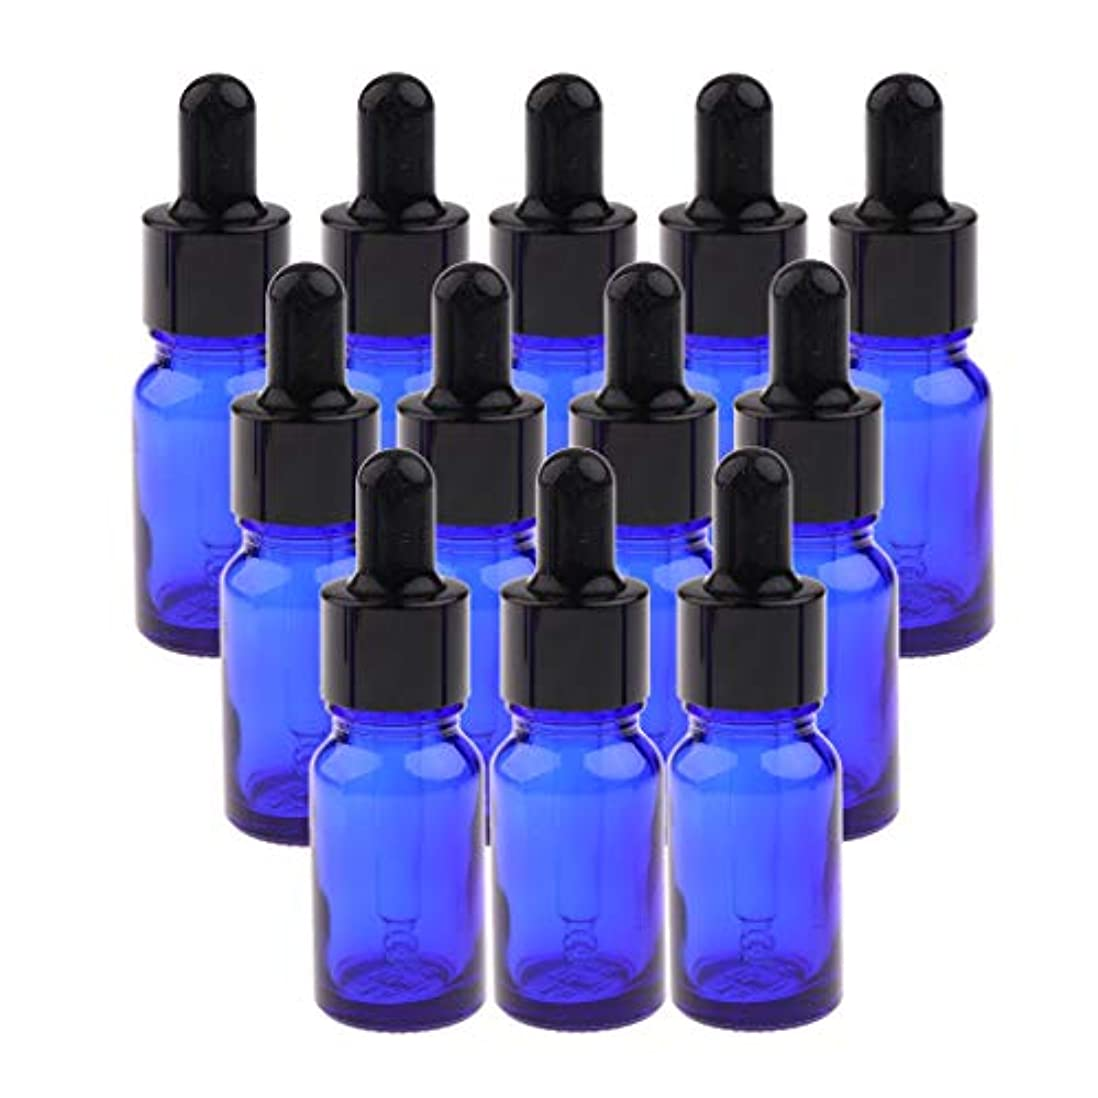 不公平レシピ調整可能オイルボトル ガラス 液体 ドロッパー 化粧ボトル メイクボトル コスメ詰替え容器 全3サイズ - 15ML